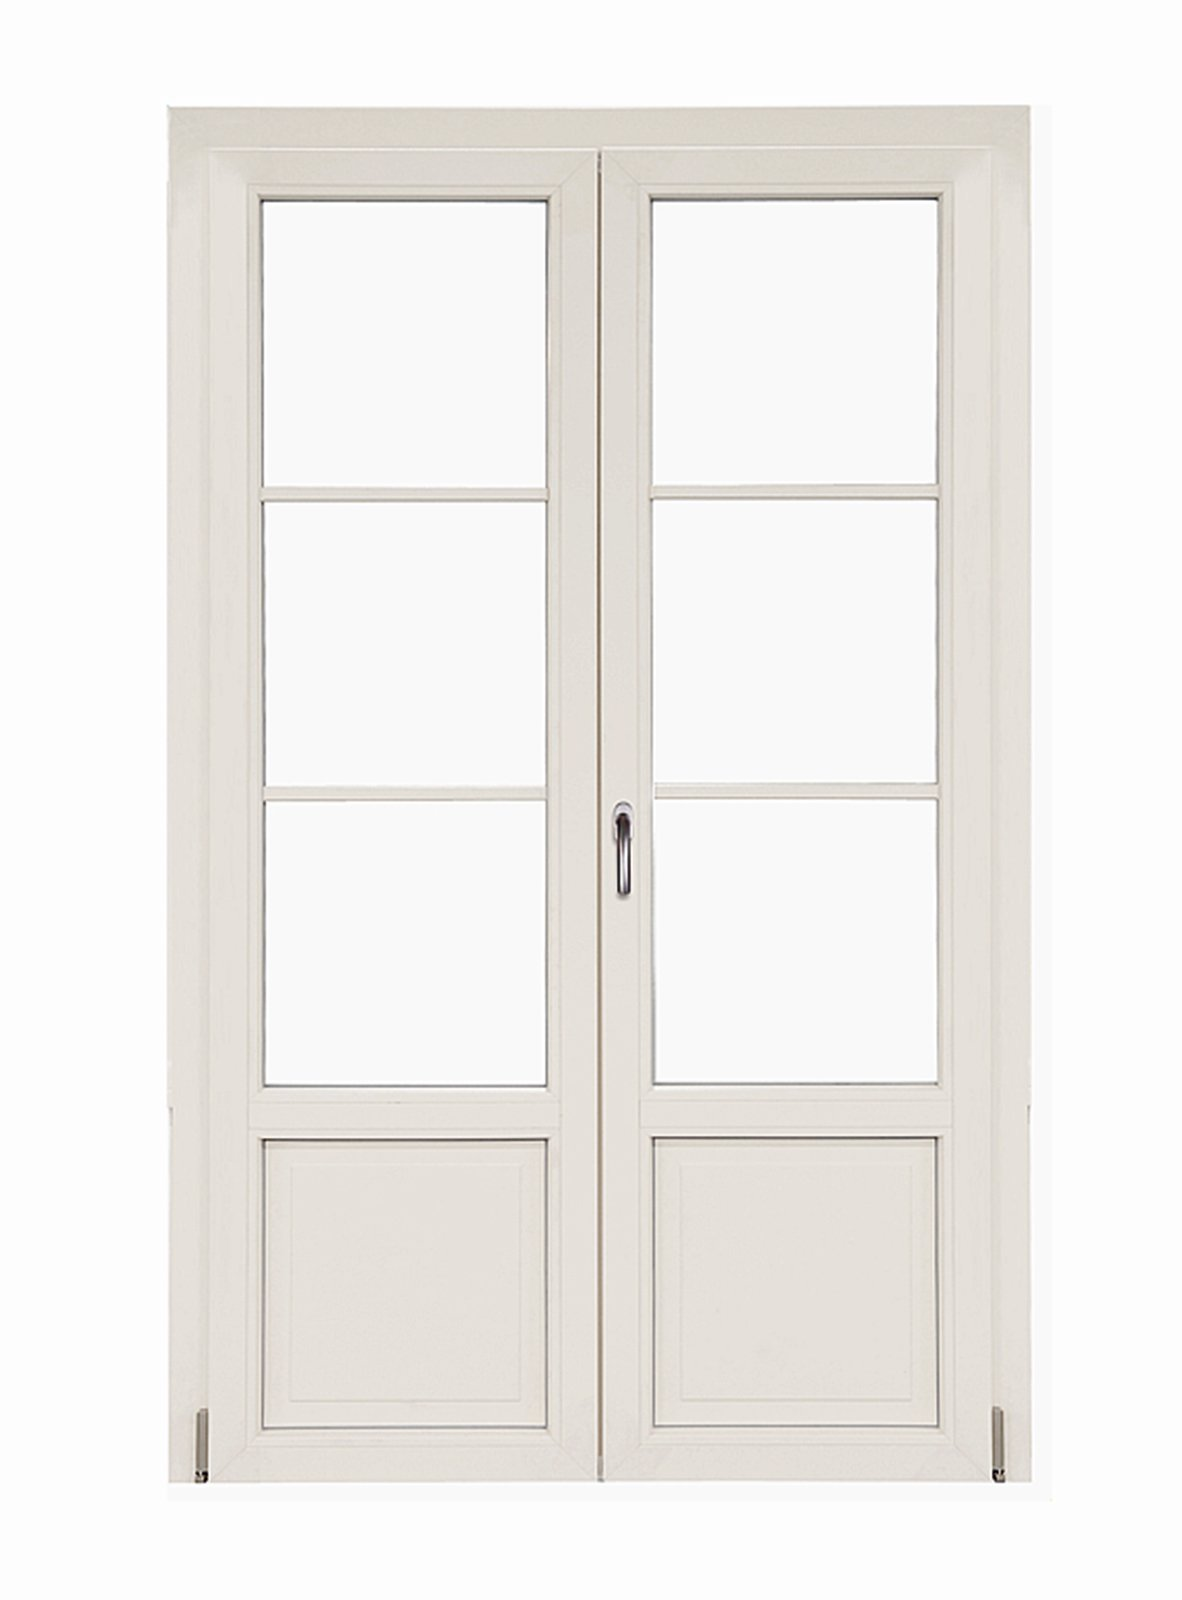 Sostituire le finestre 14 fasi di lavoro cose di casa - Finestre usate in pvc ...